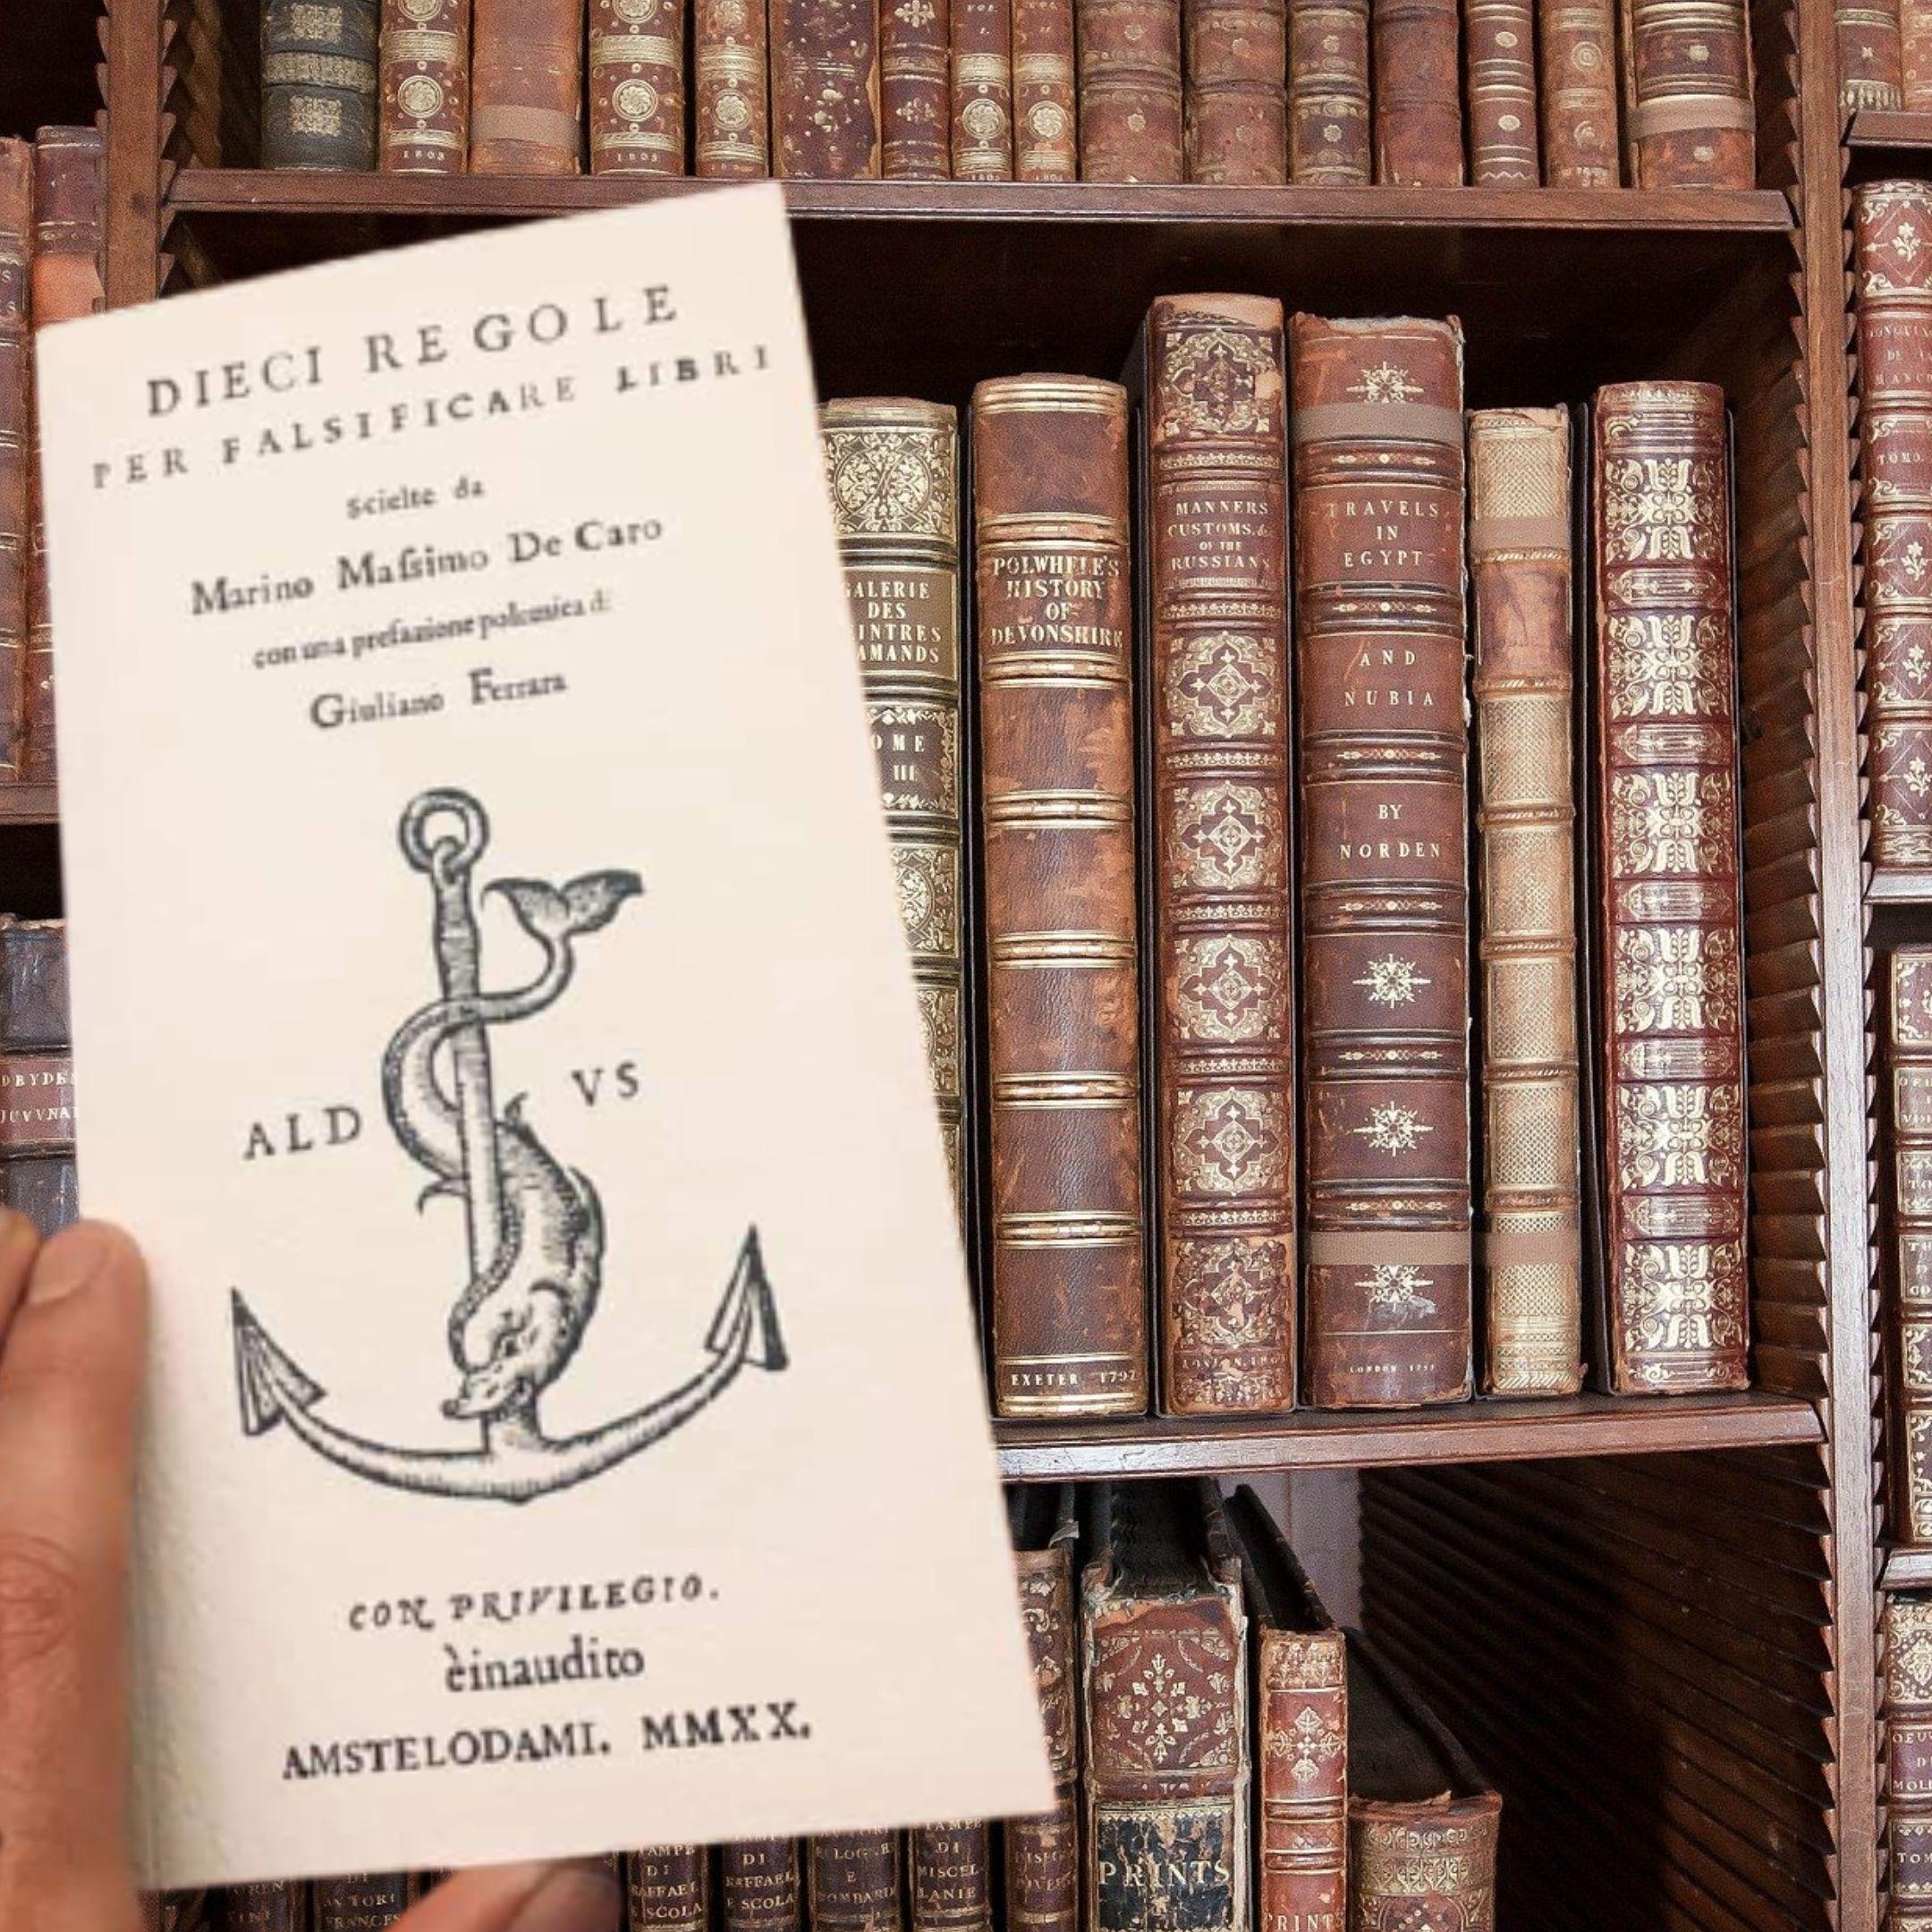 """""""Dieci regole per falsificare libri"""" di Marino Massimo De Caro in vendita negli U.S.A. a 242 €: valutazione record!"""